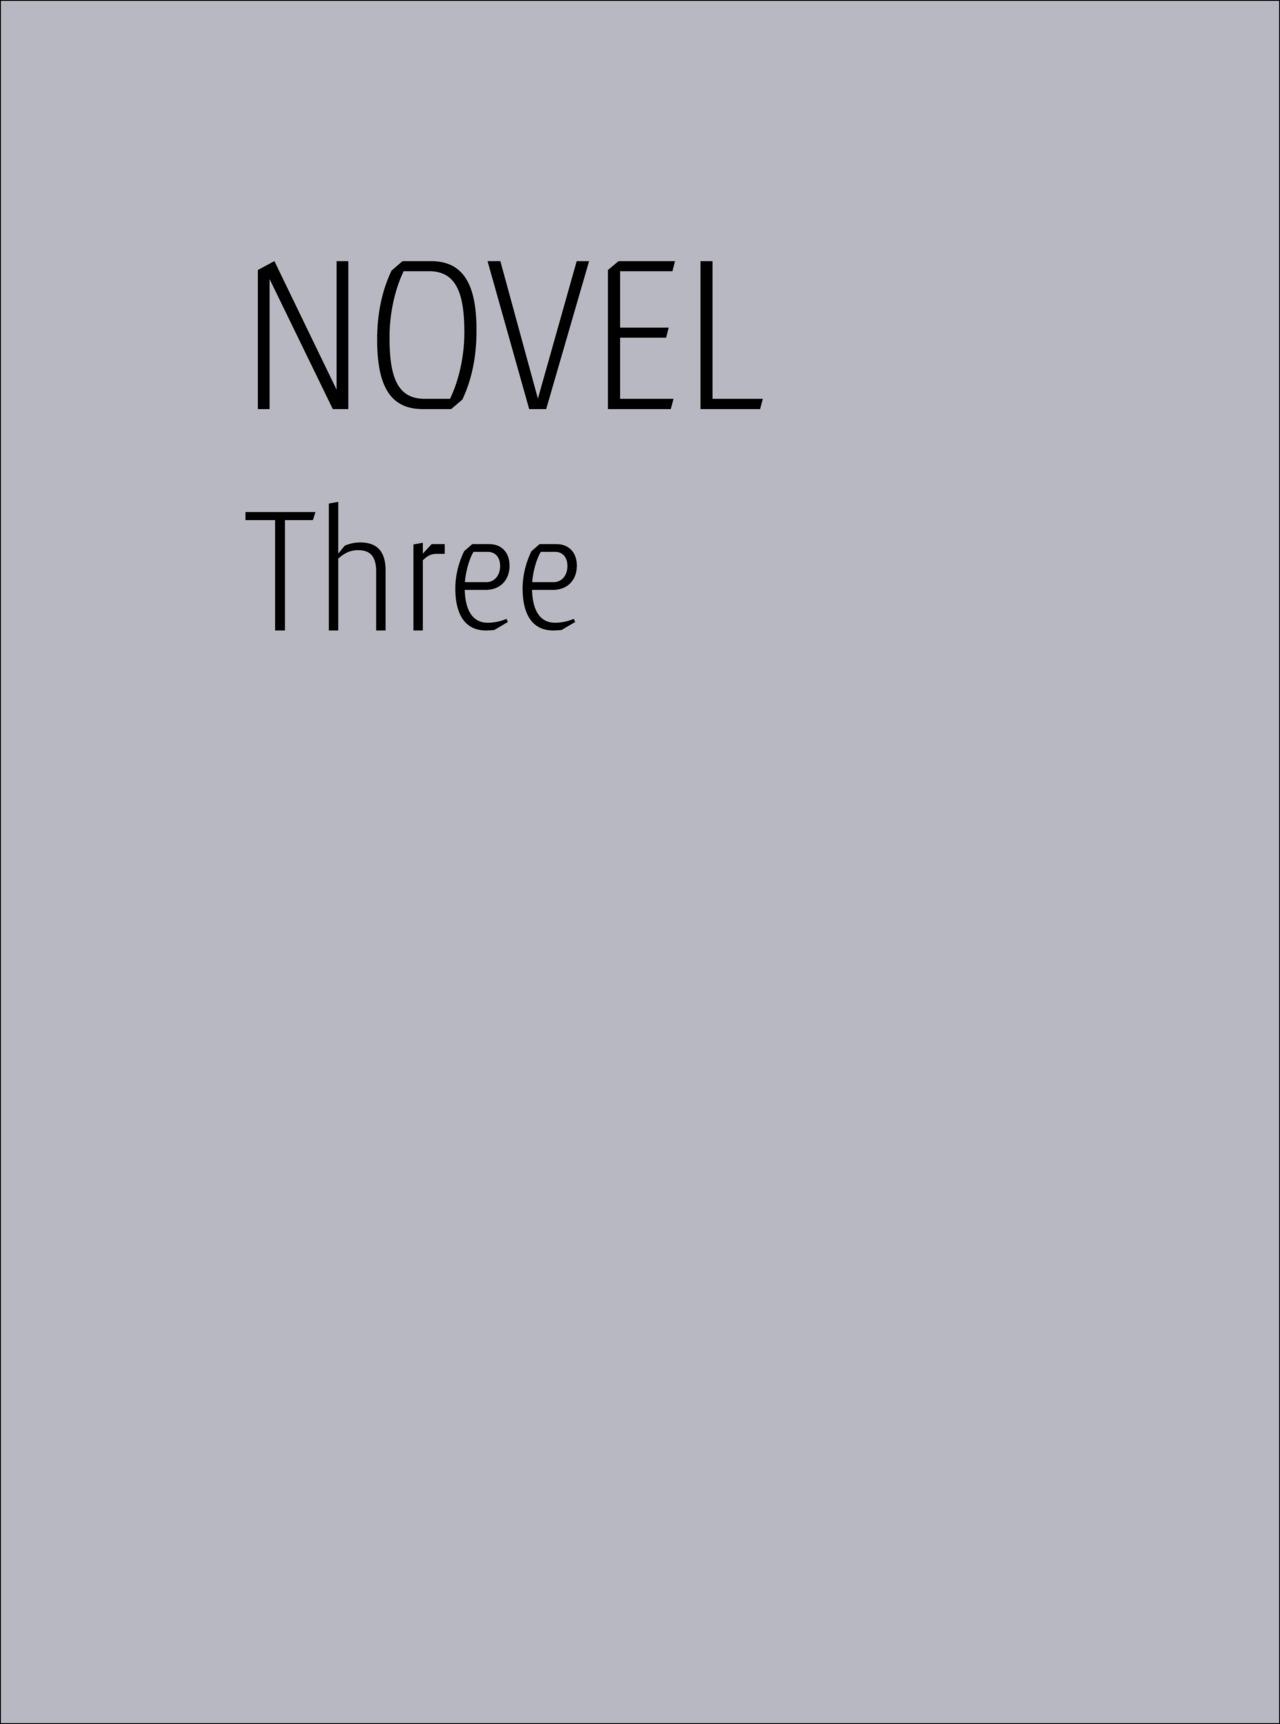 Novel issue 3